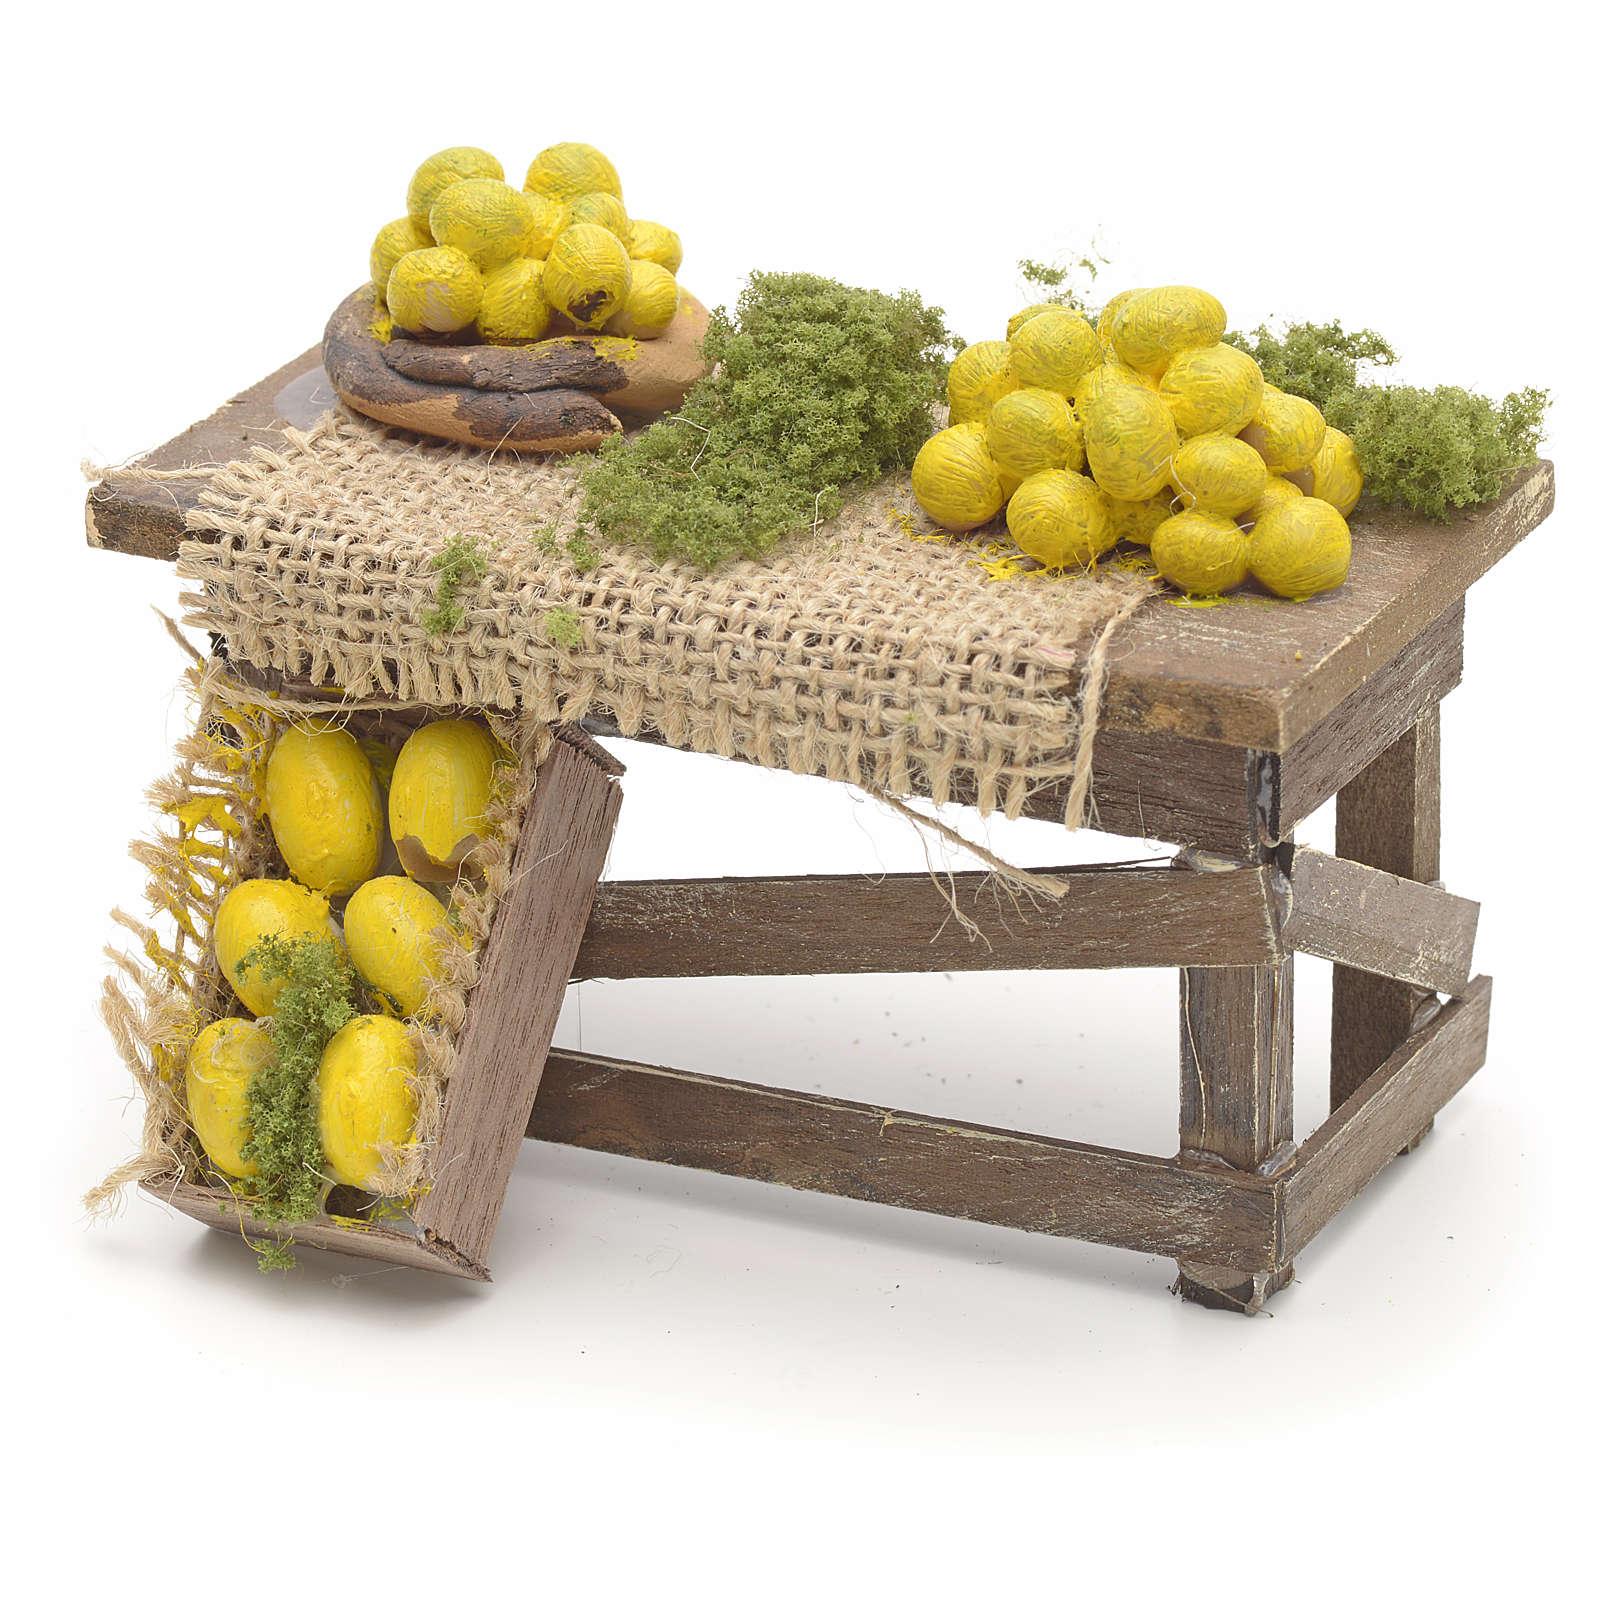 Tisch mit Zitronen neapolitanische Krippe 4